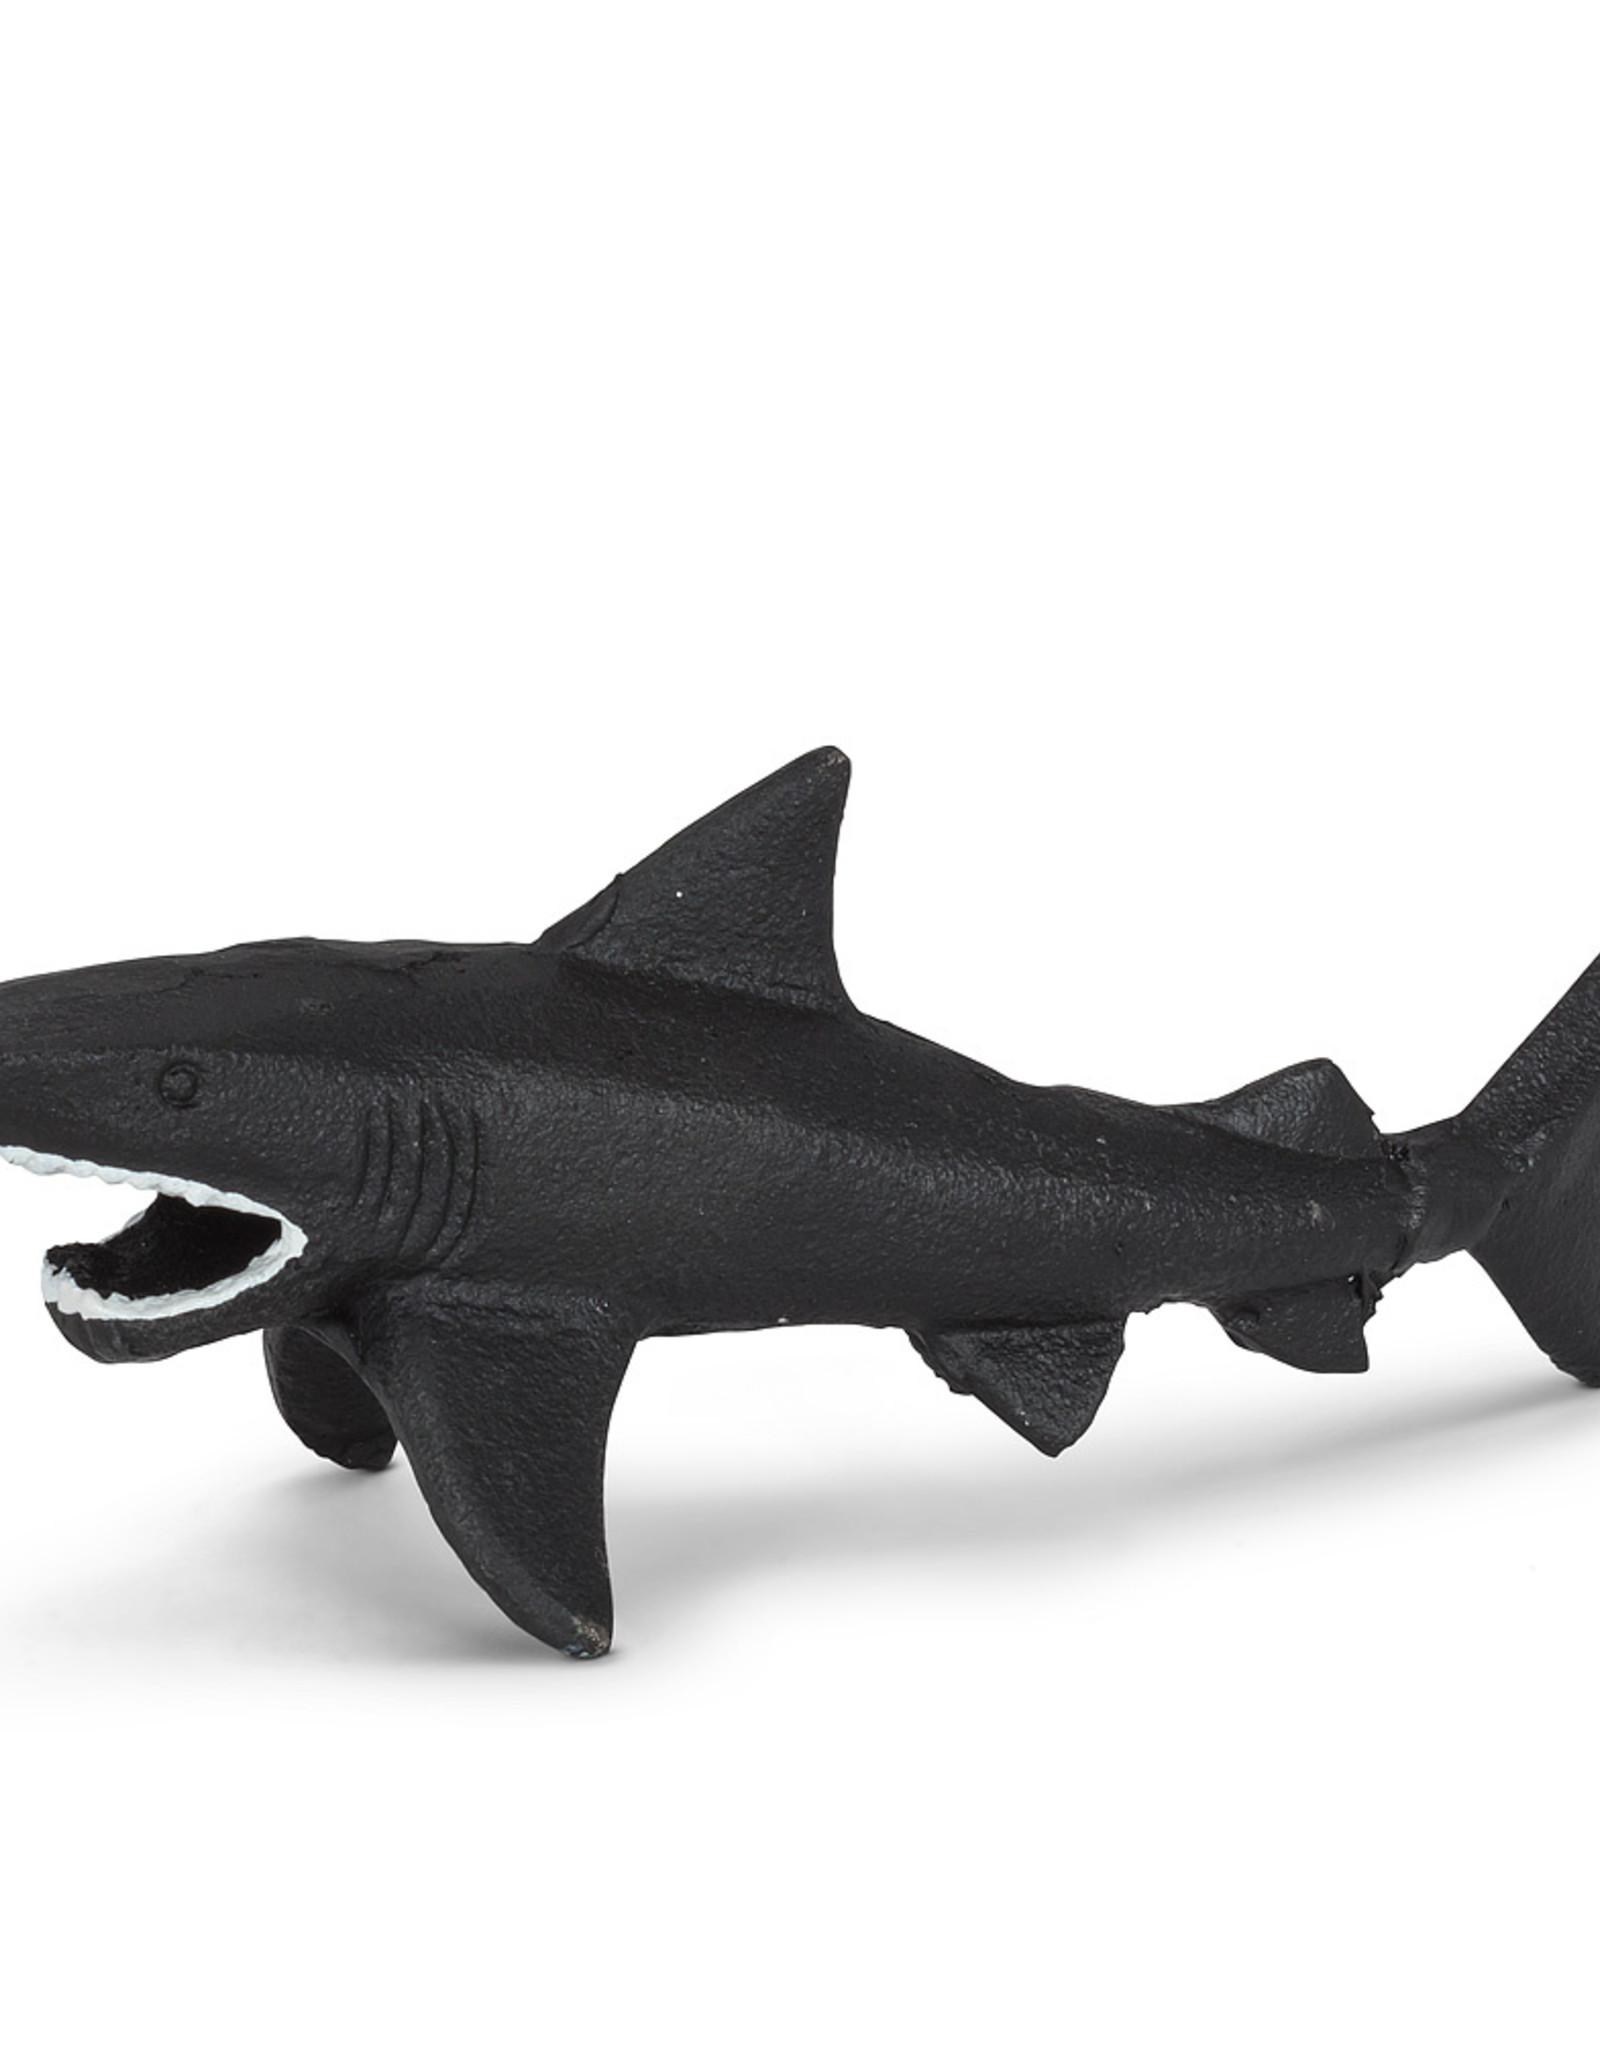 Bottle Opener Abbott Shark